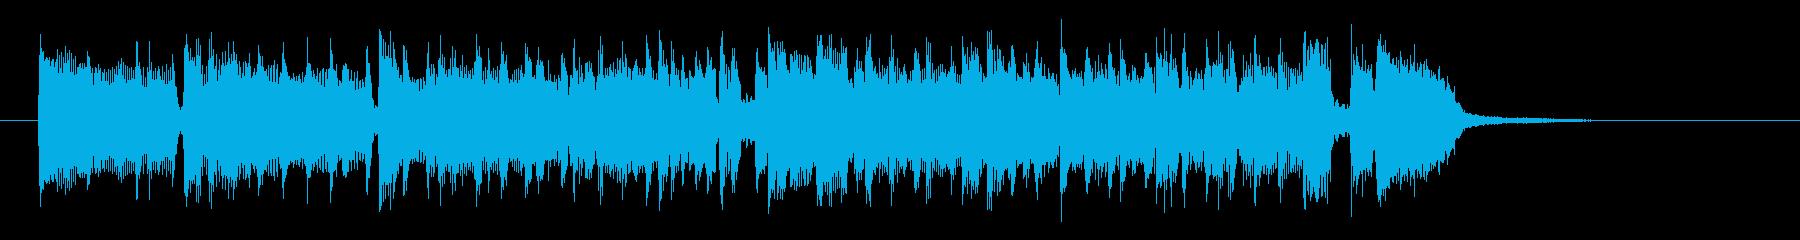 スタイリッシュで都会的なポップスの再生済みの波形